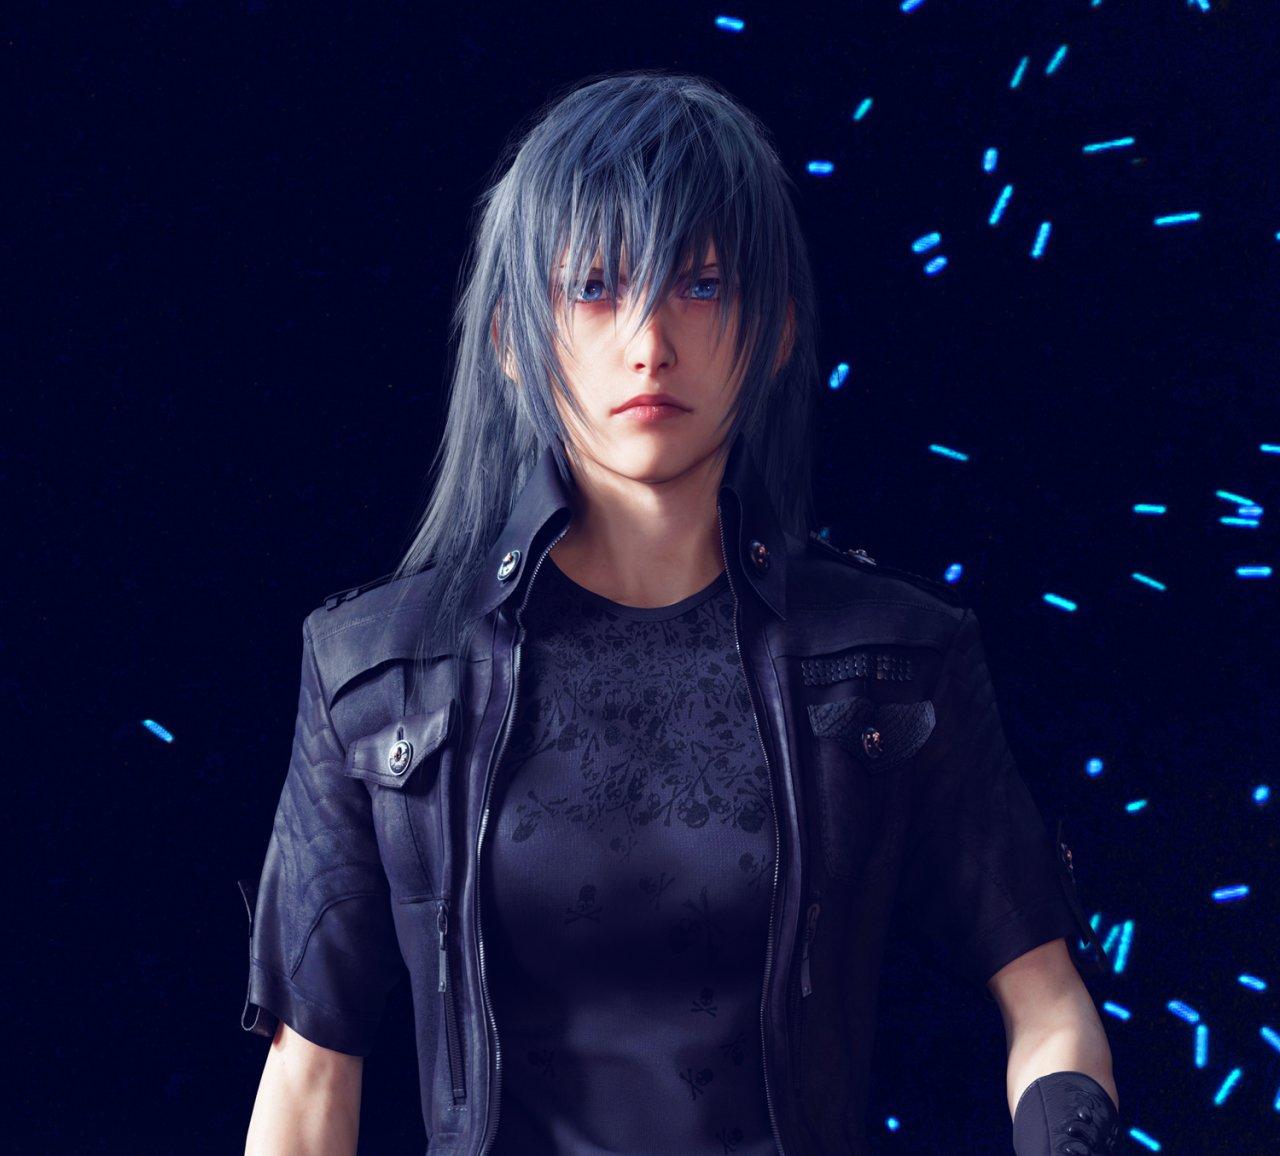 Герои Final Fantasy 15  femail версия. - Изображение 3